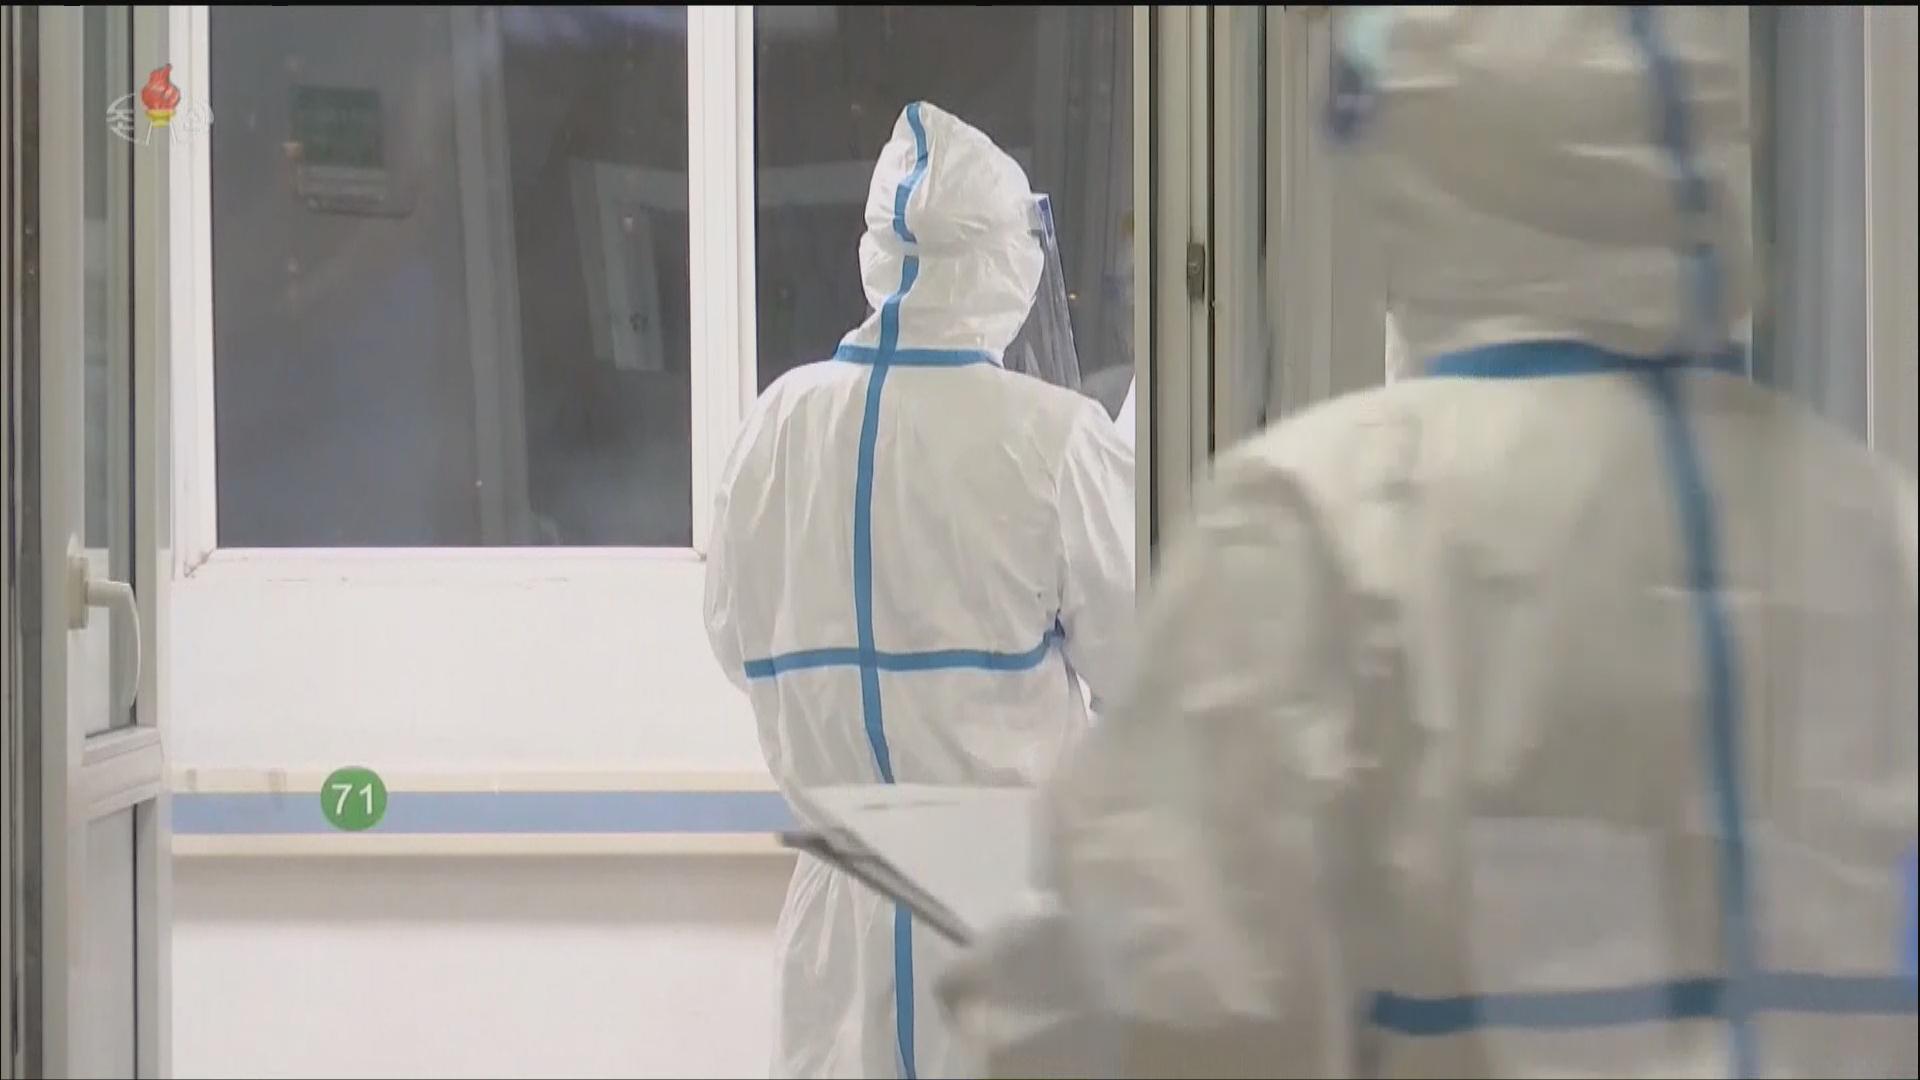 북한 관영 조선중앙TV가 신종 코로나바이러스 관련 내용을 보도하고 있다. [사진 조선중앙TV]